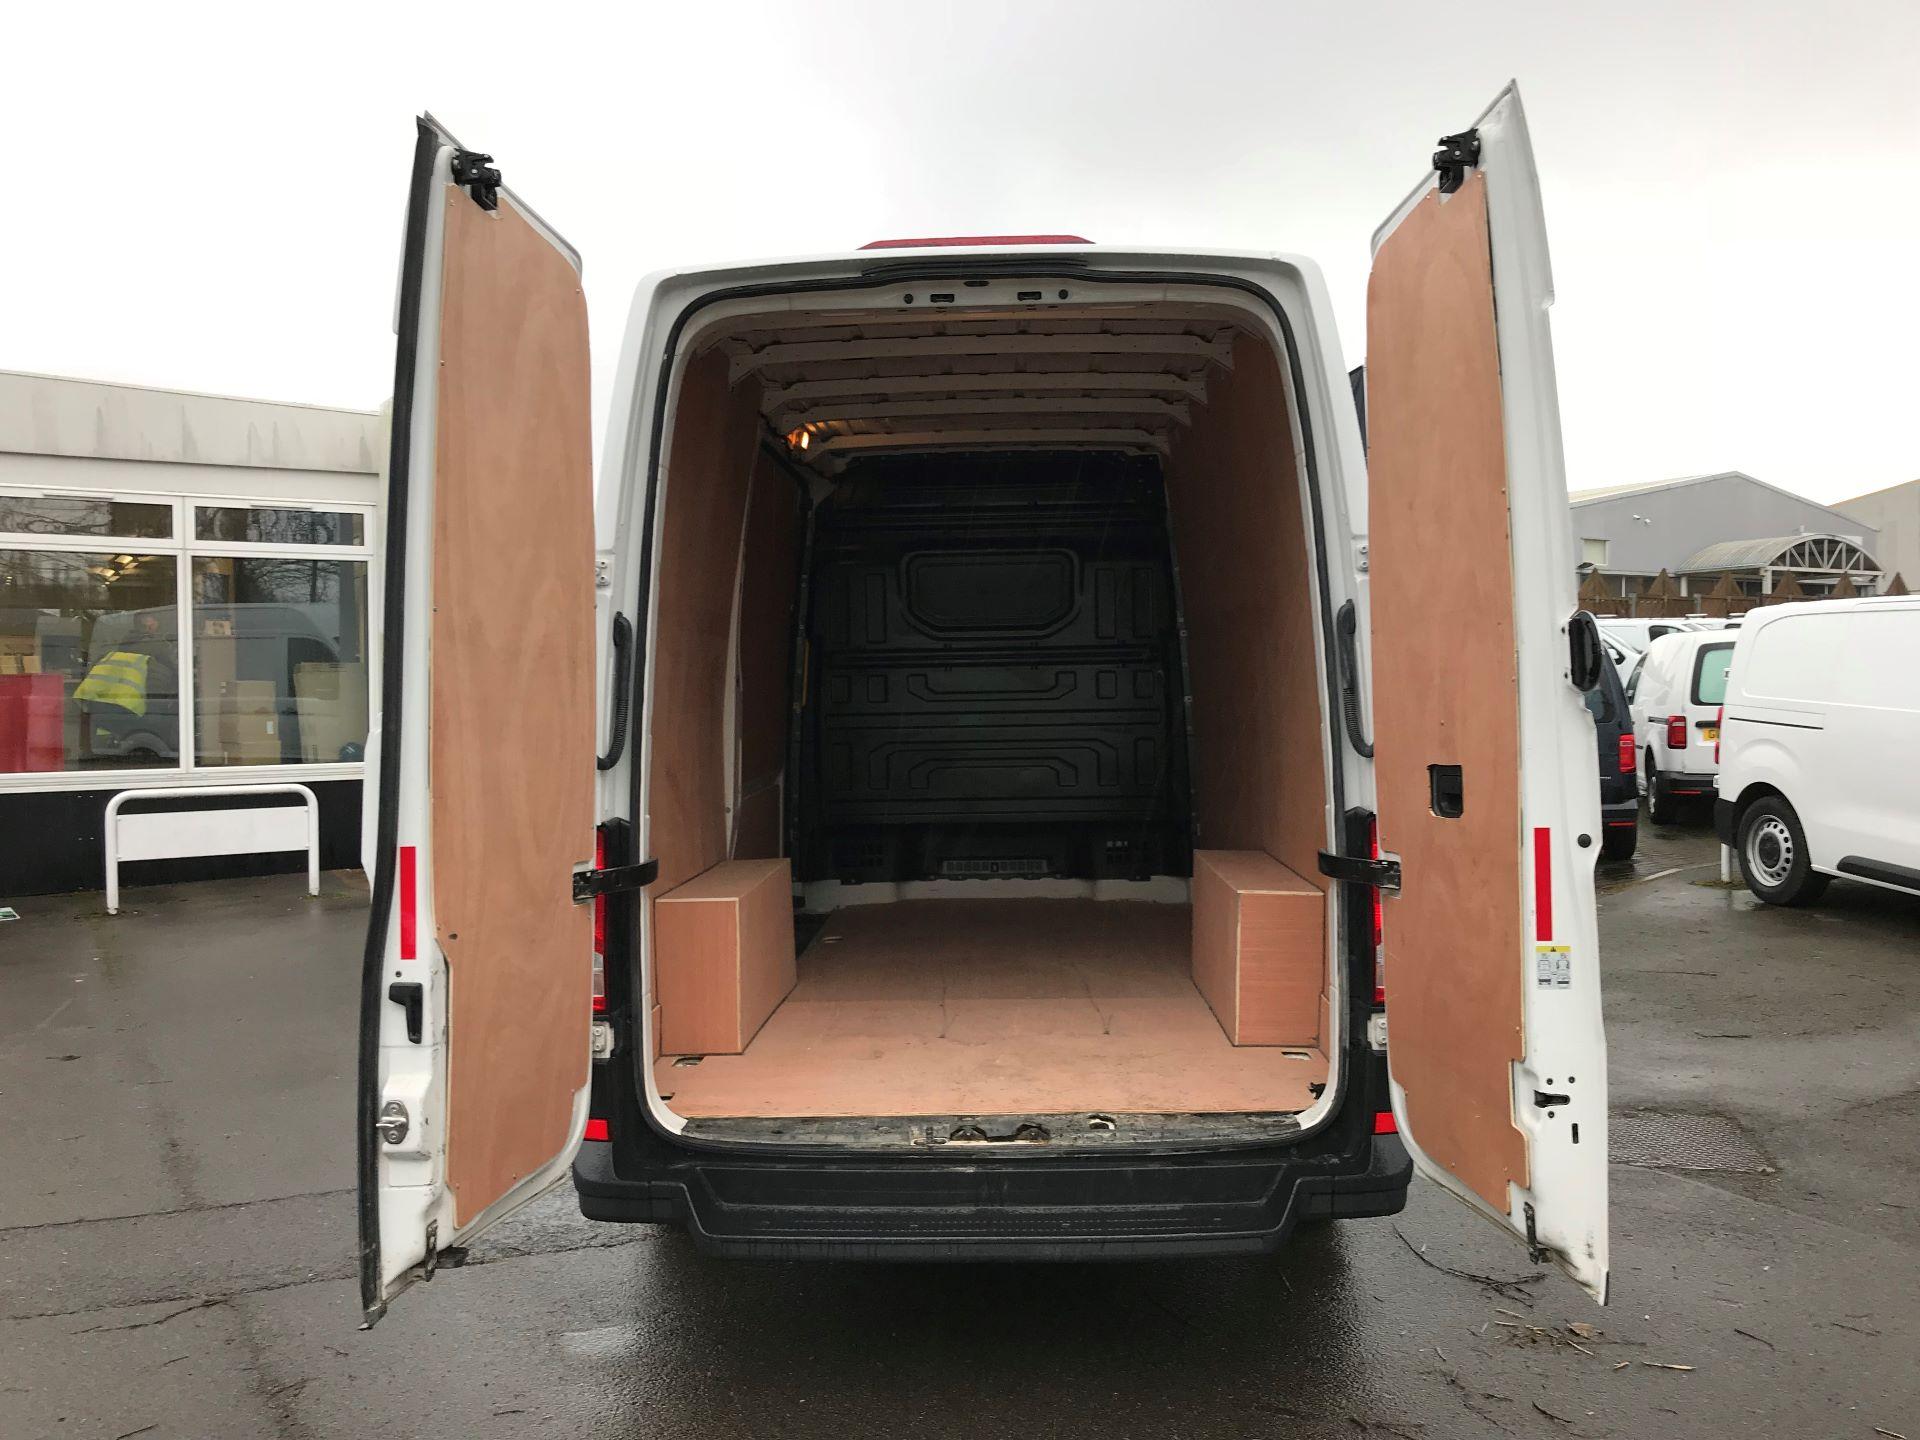 2018 Volkswagen Crafter 2.0 TDI 140PS STARTLINE HIGH ROOF VAN EURO 6 (GC18KHD) Image 7